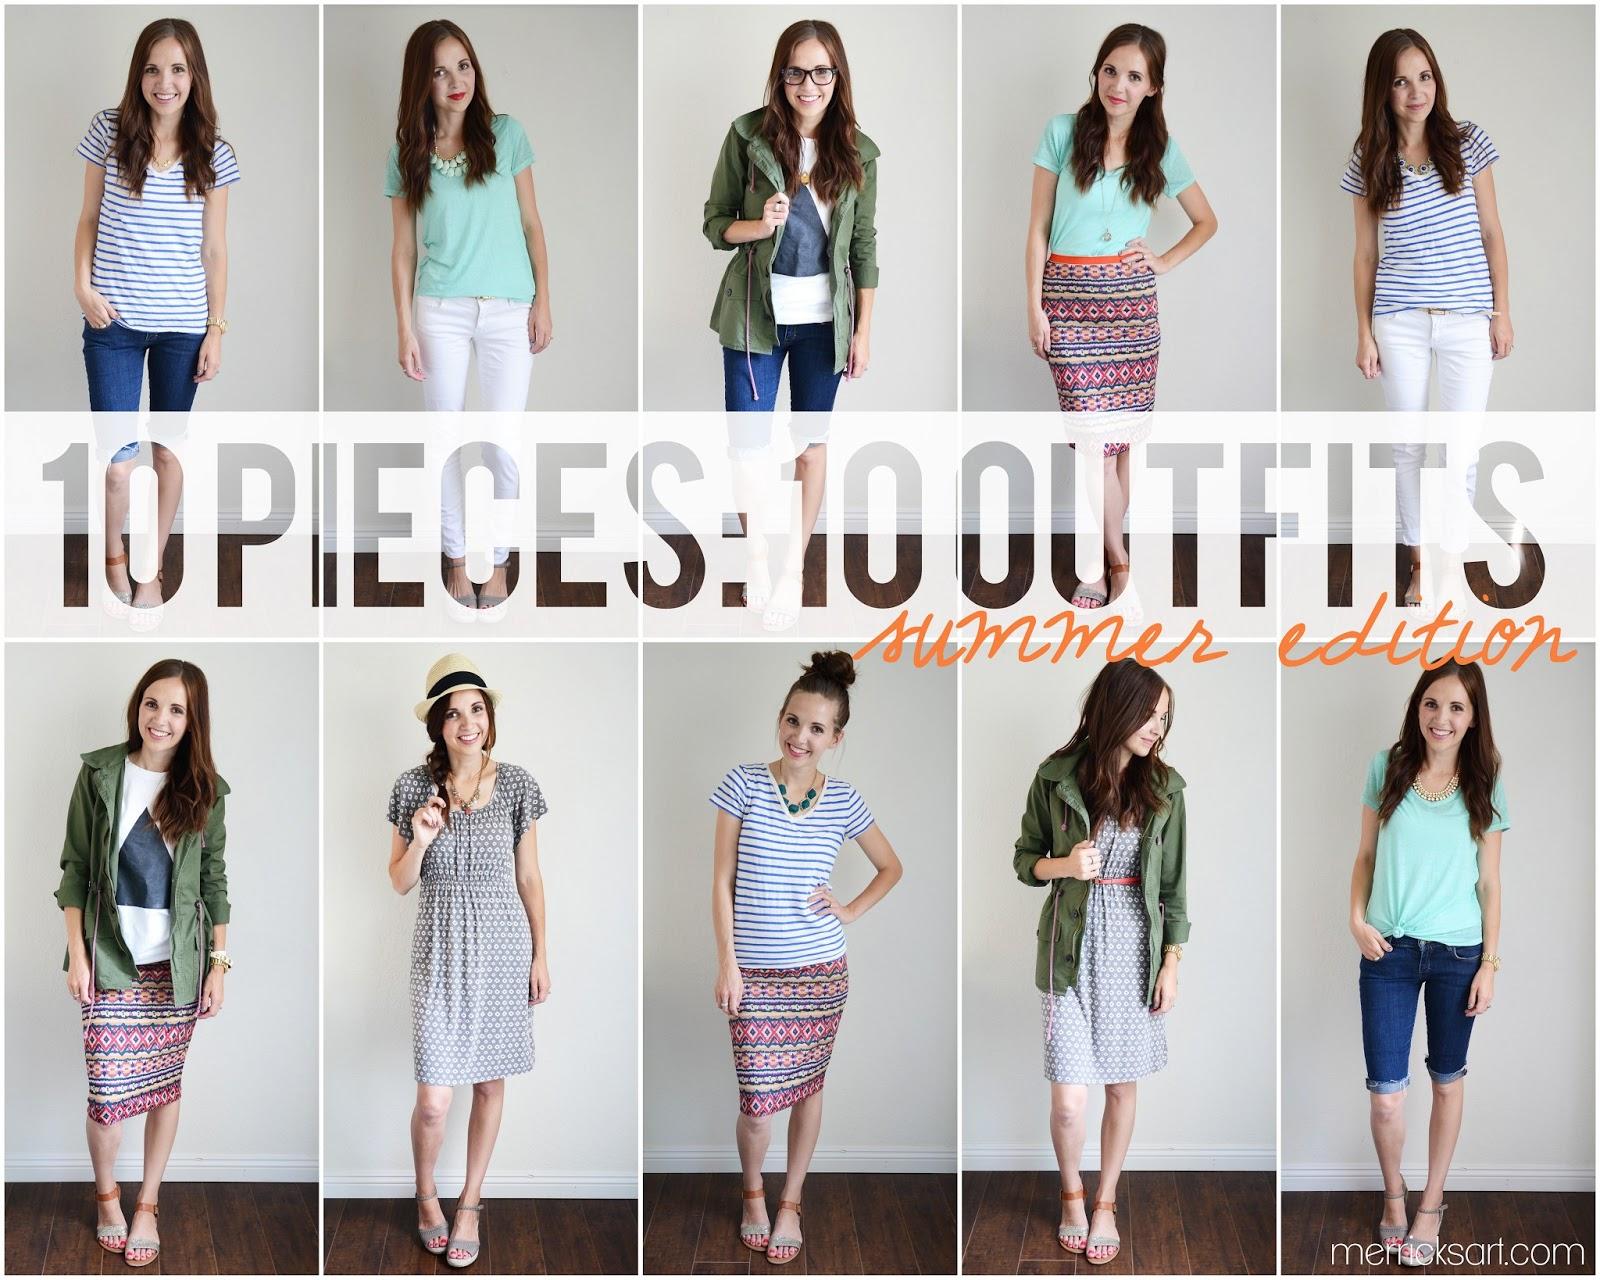 Wardrobe Essentials Summer Edition